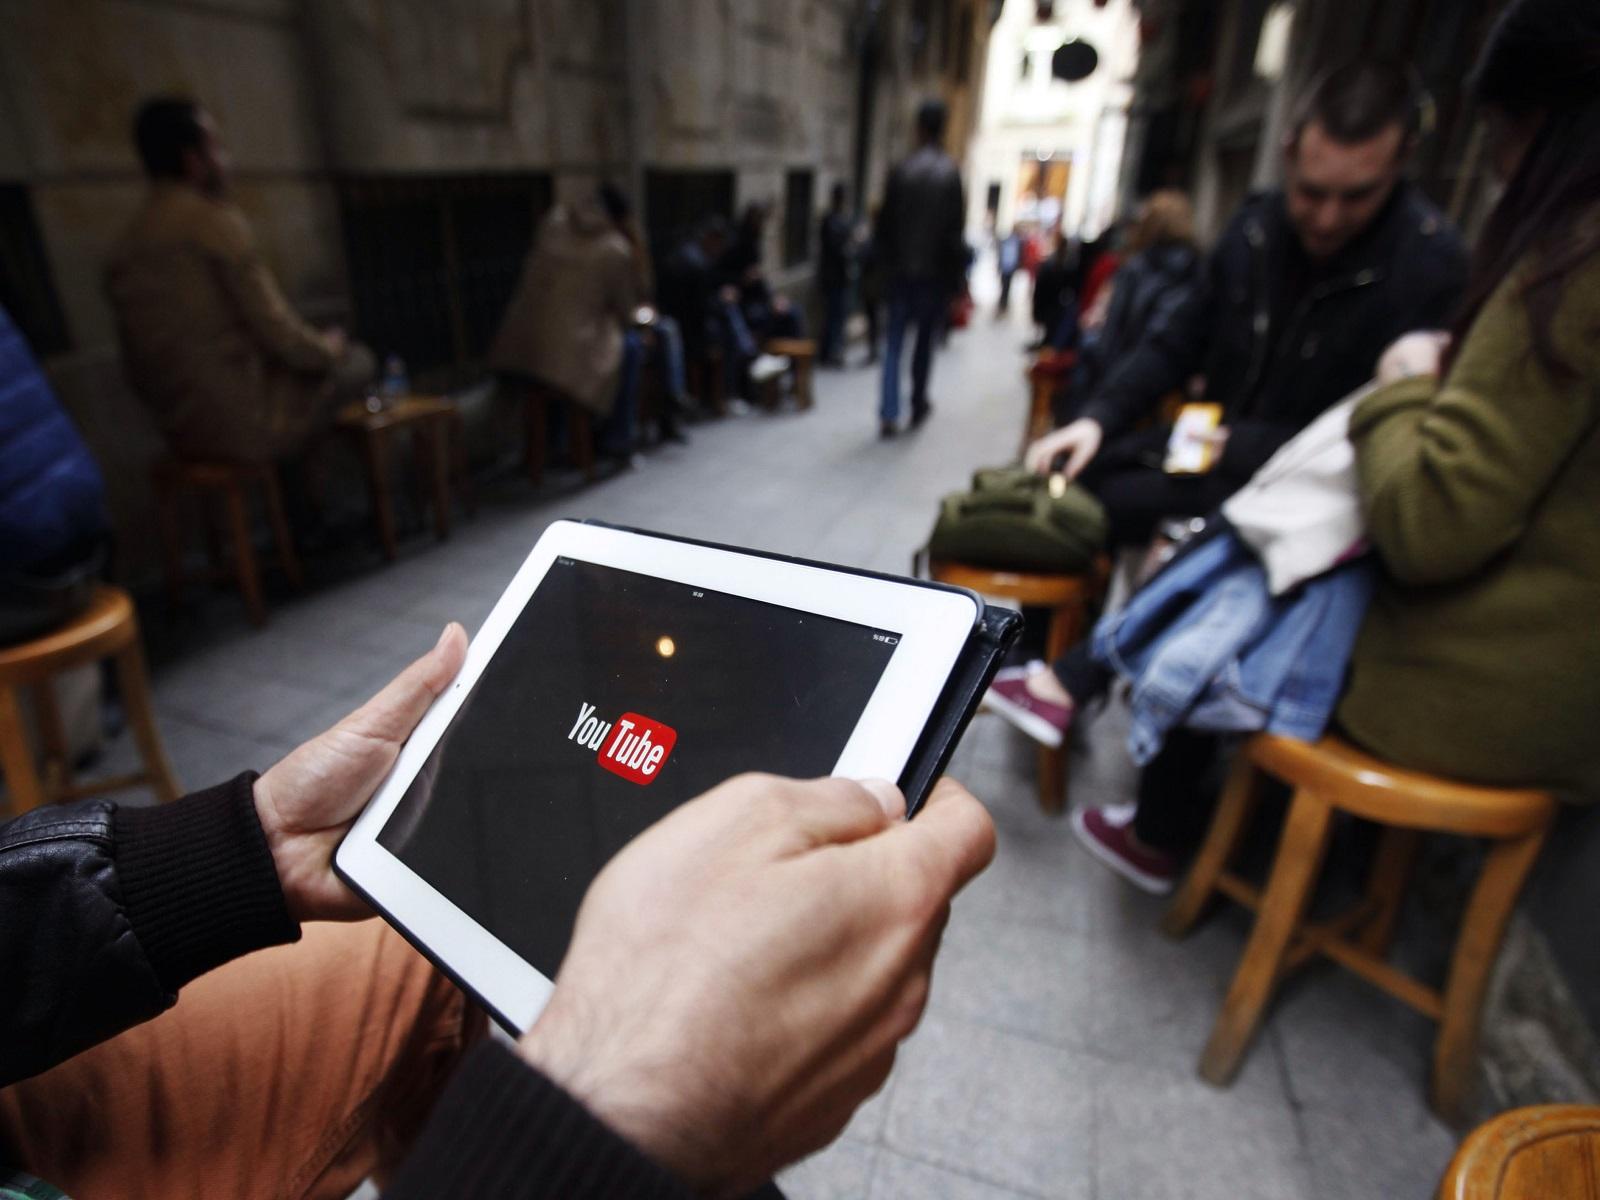 Investasi YouTube. Foto oleh brookings.edu